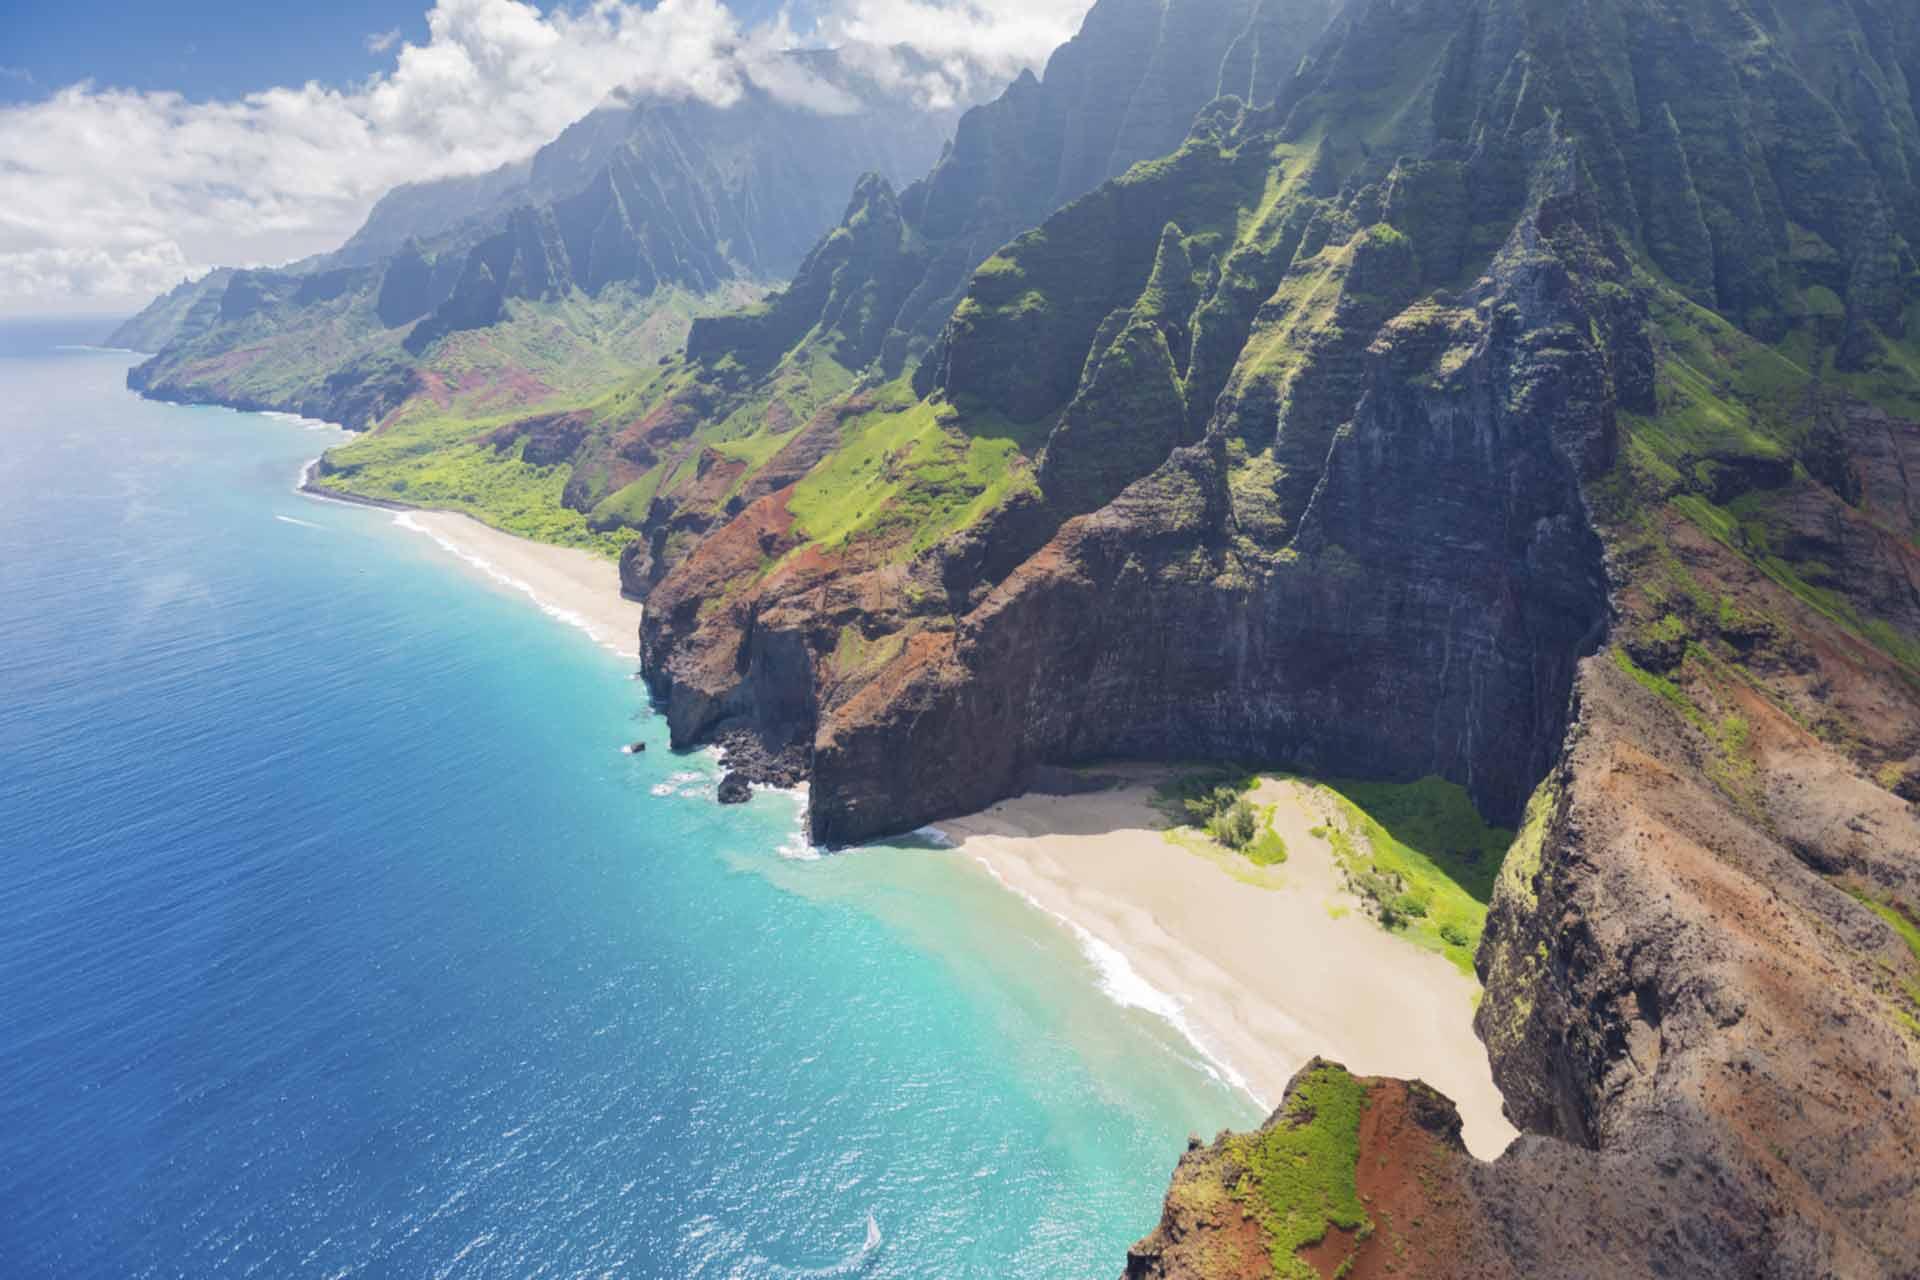 O Que Fazer no Havaí e suas ilhas